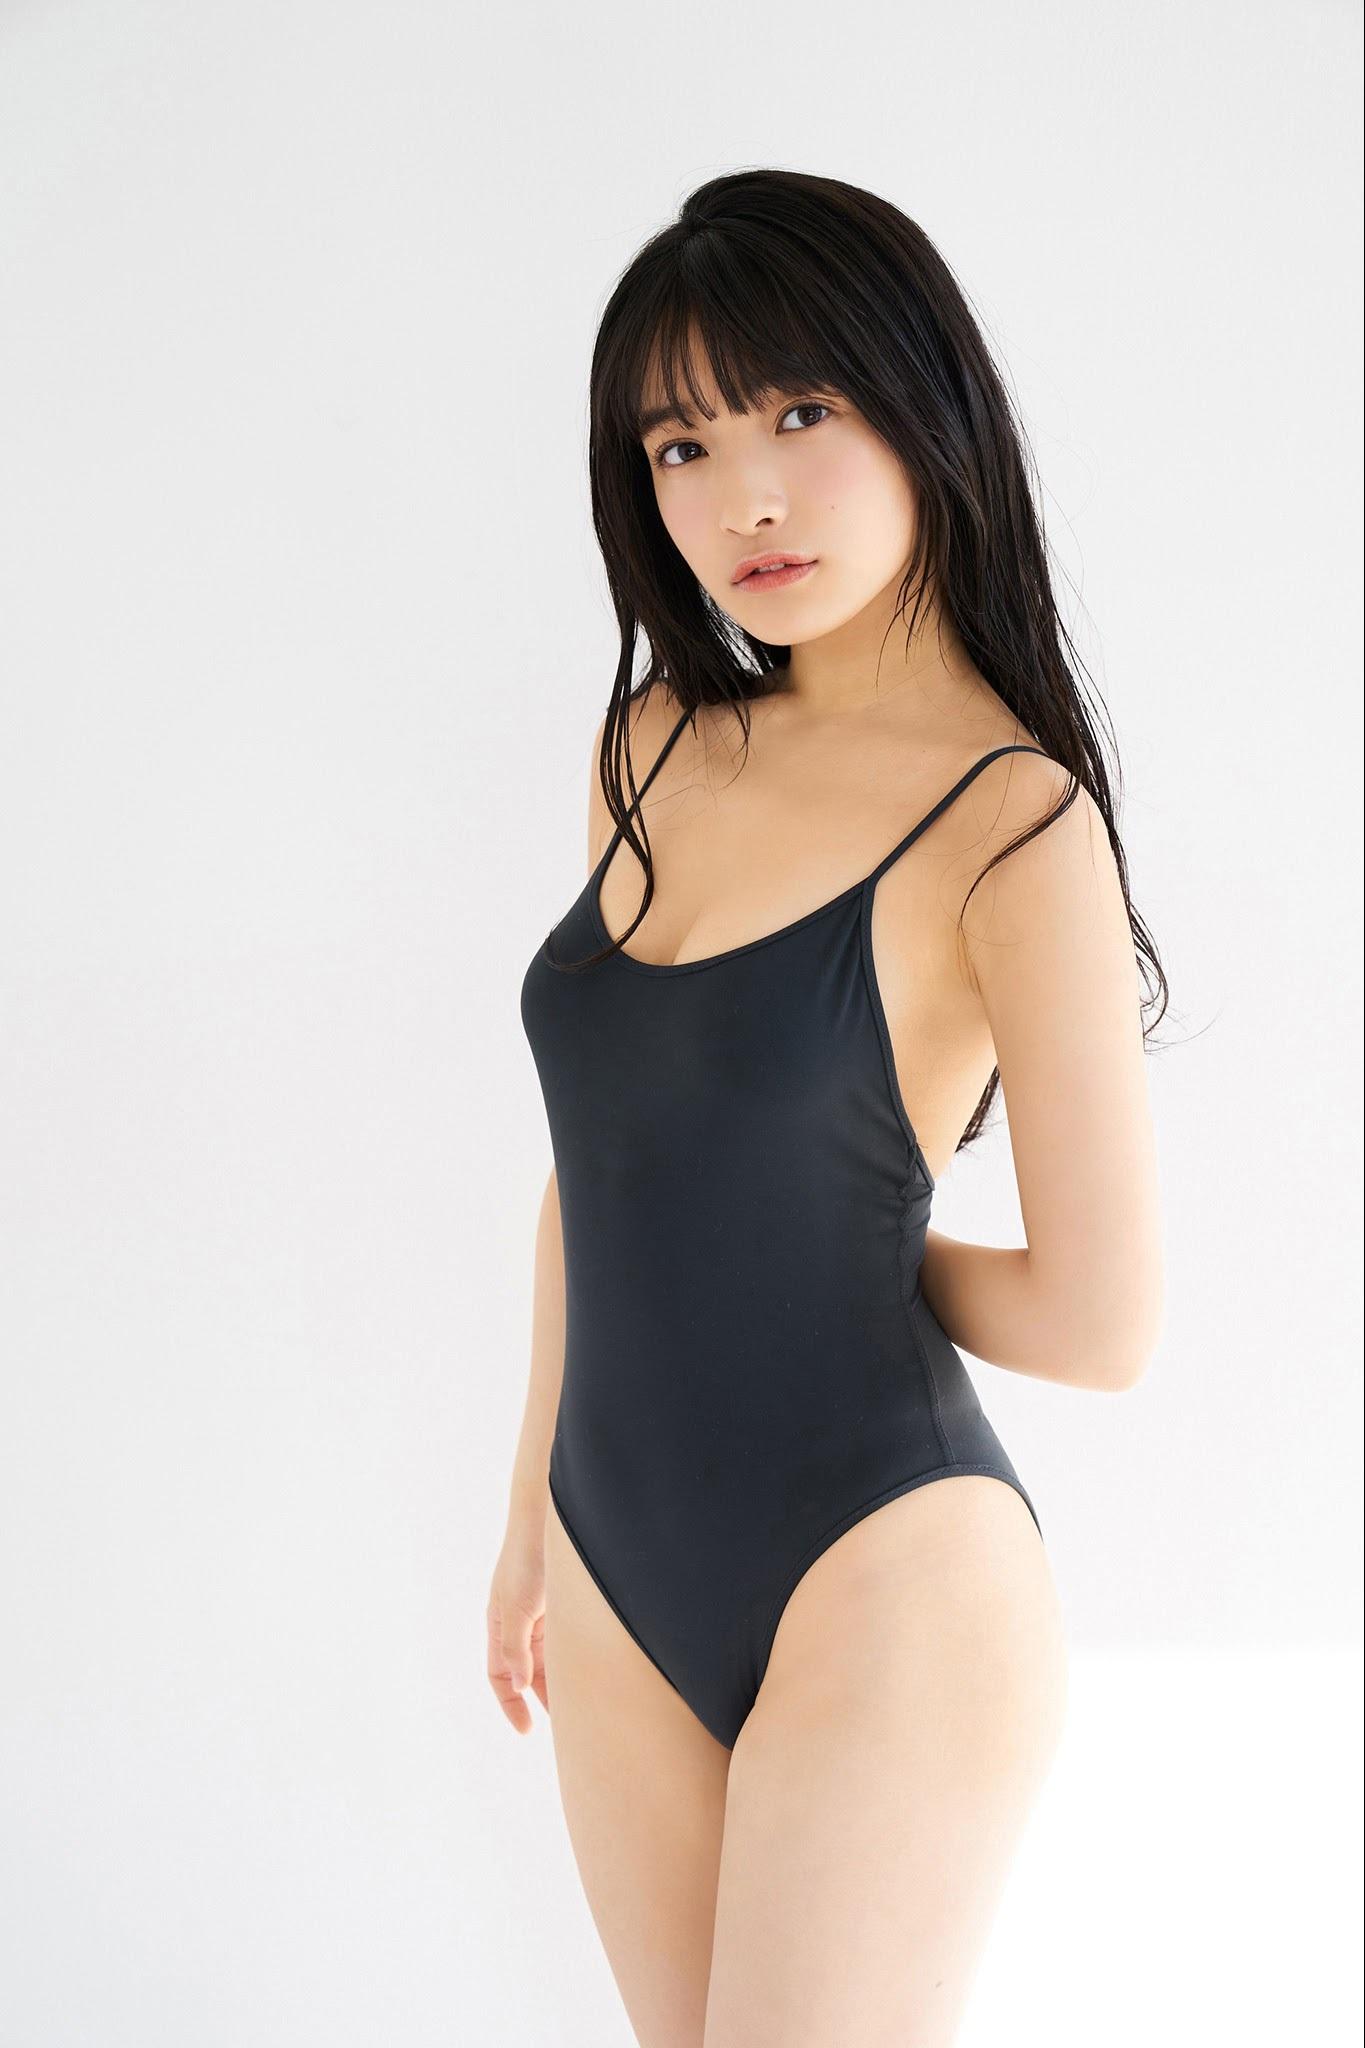 蛭田愛梨41